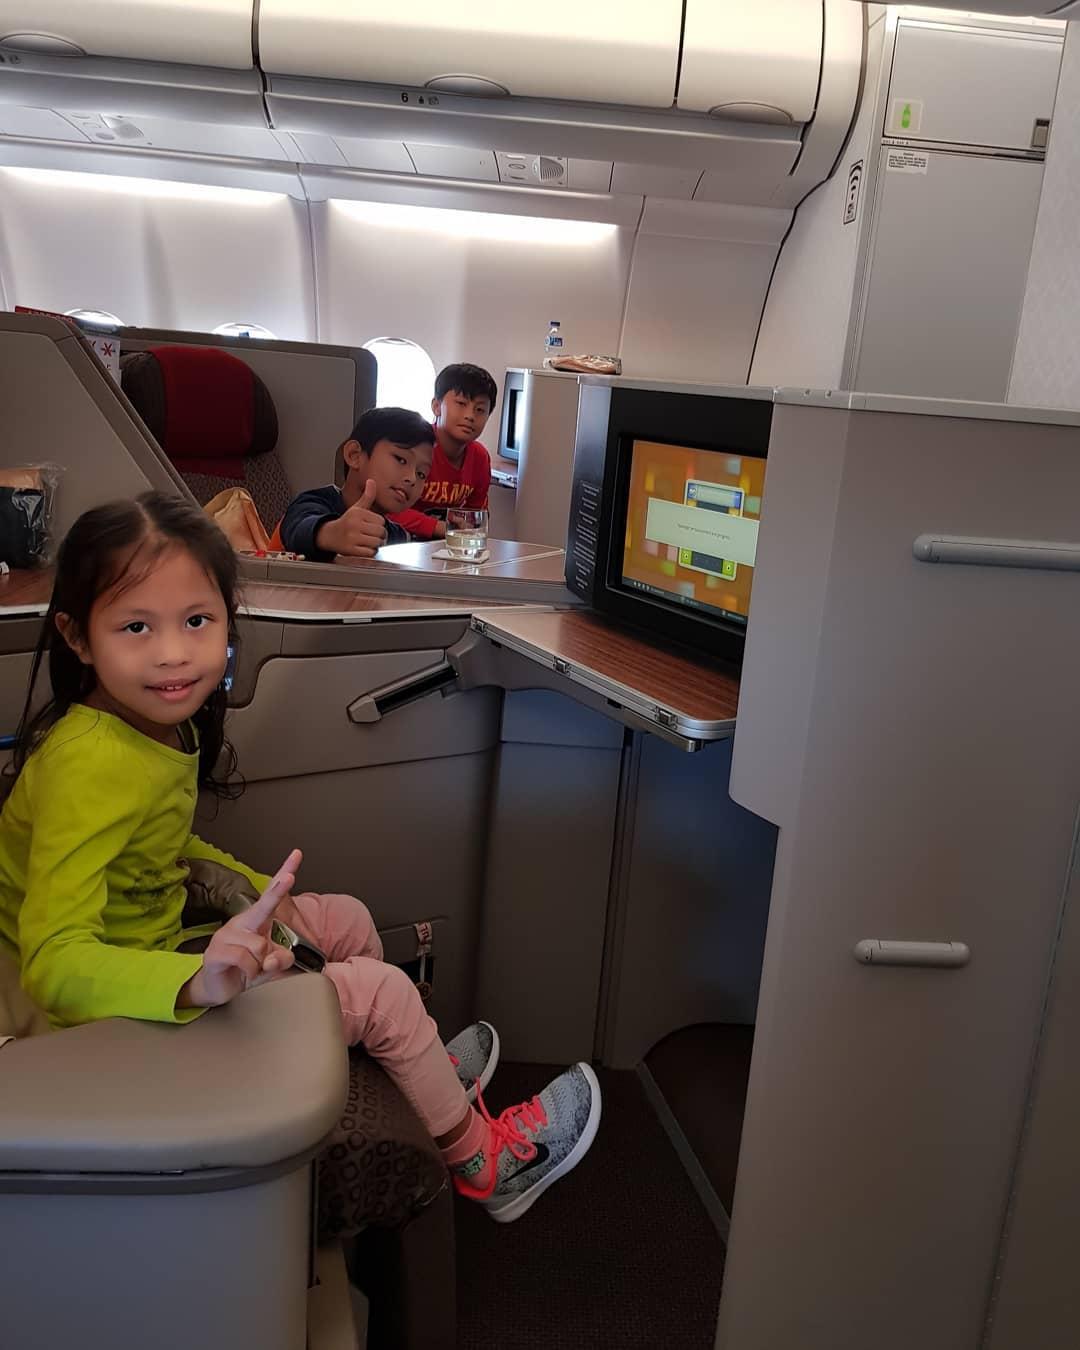 Bí kíp để có chuyến du lịch 30/4 thoải mái hơn với con nhỏ